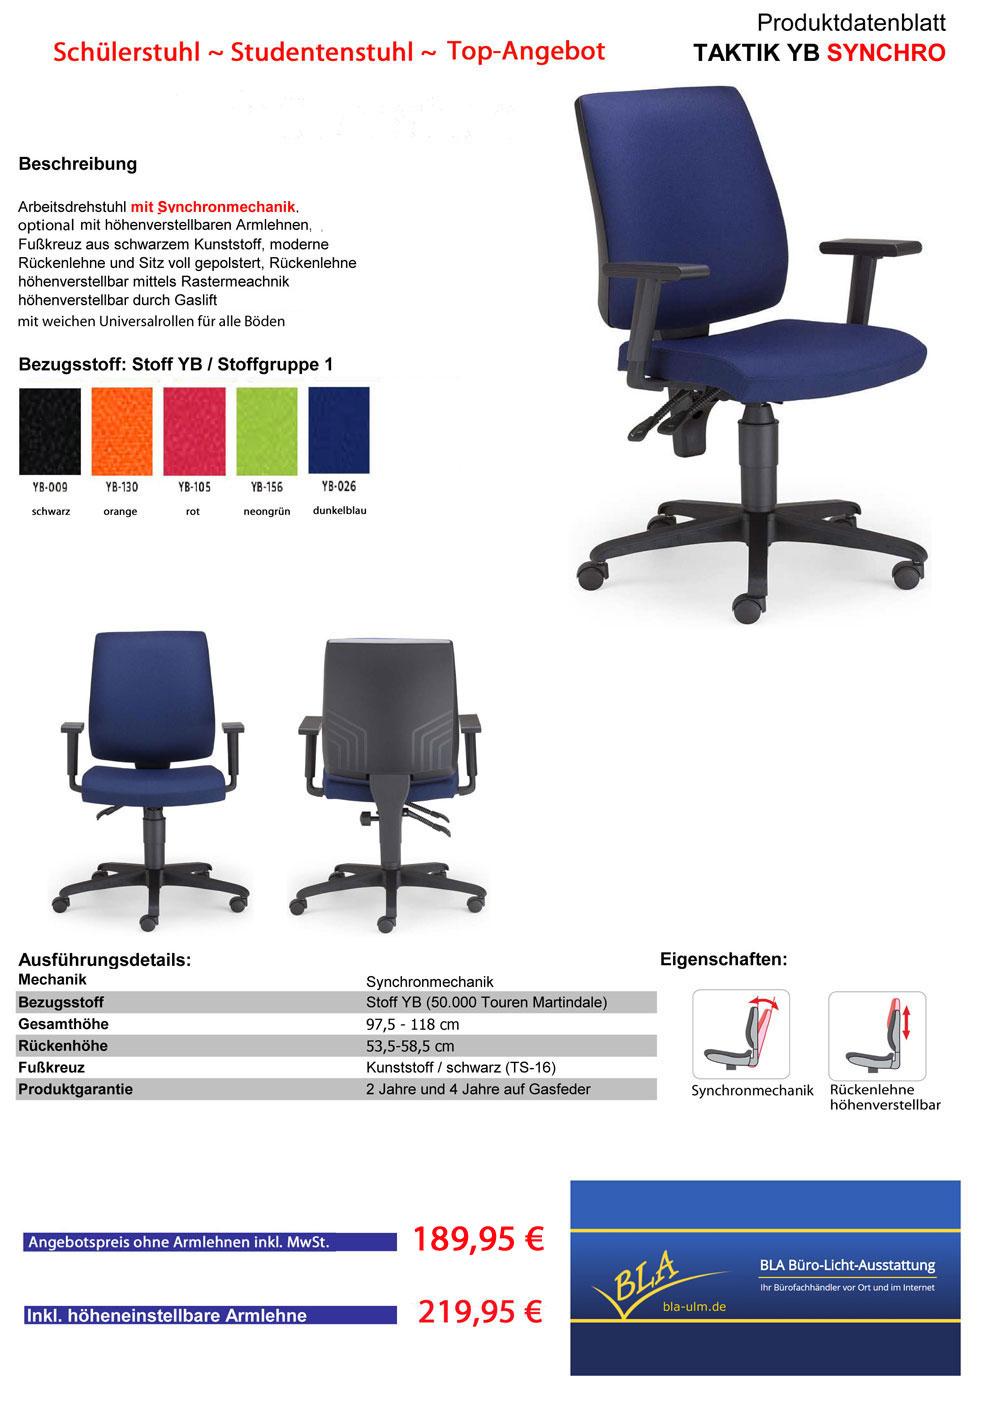 BLA Büro-Liebt-Ausstattung | Ihr Büroeinrichter | Aktuelle News |